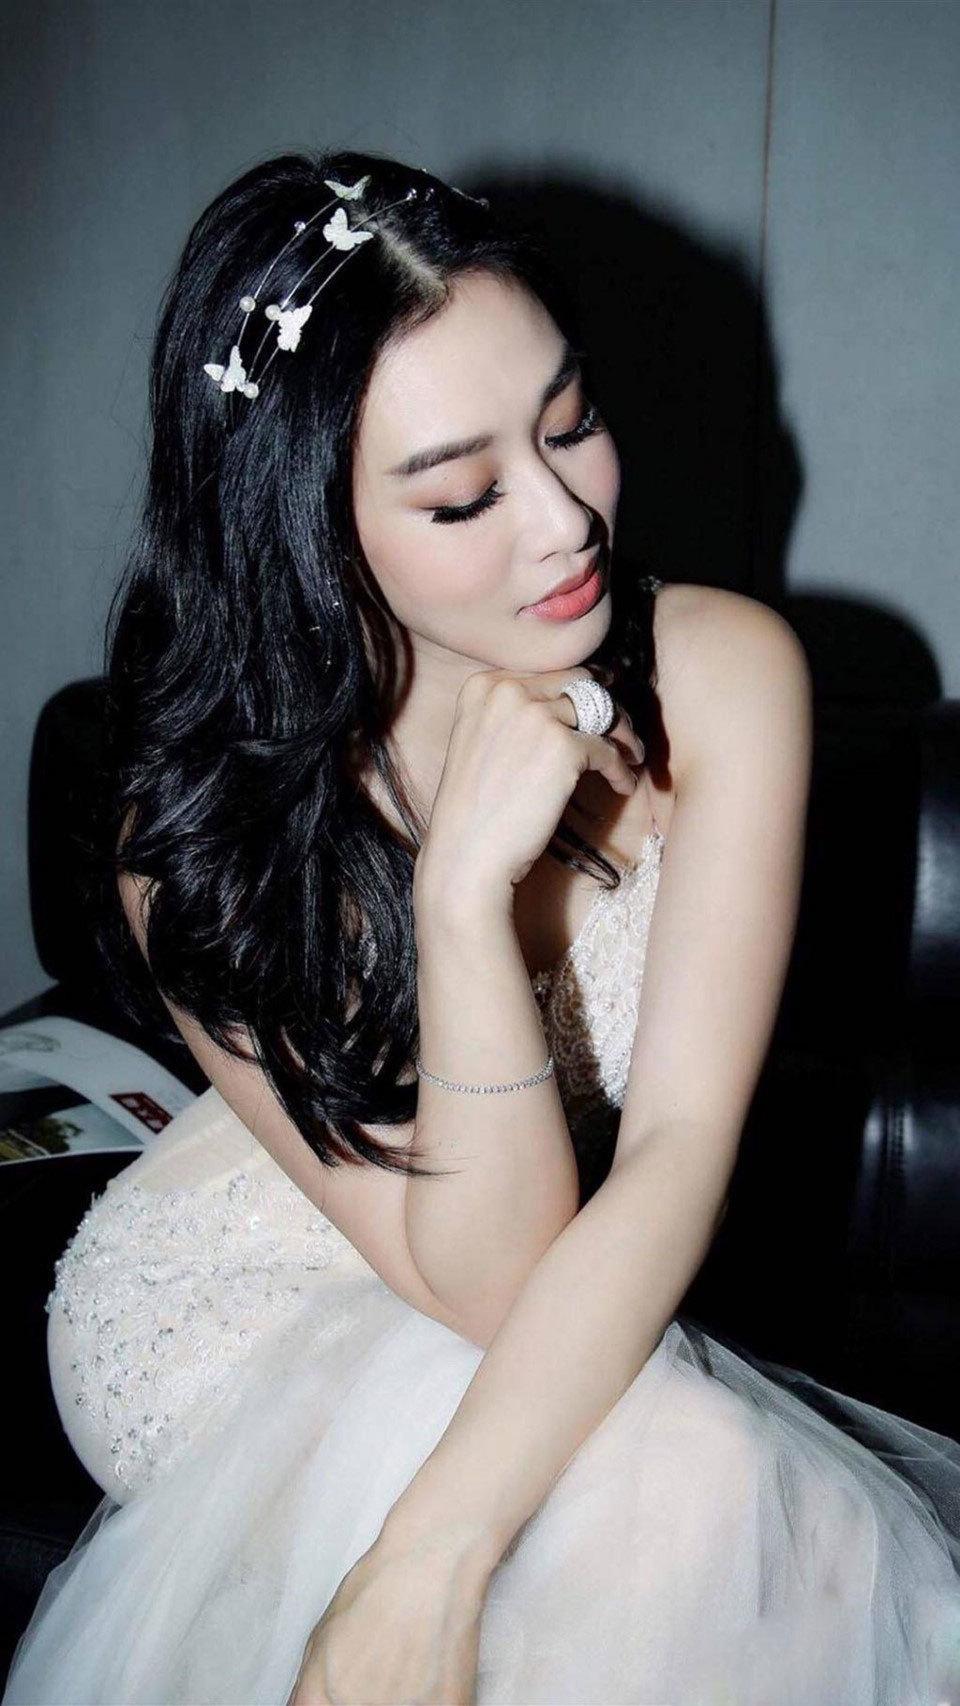 Vẻ đẹp gợi cảm của hai sao nữ gốc Việt lọt top mỹ nhân ở Trung Quốc